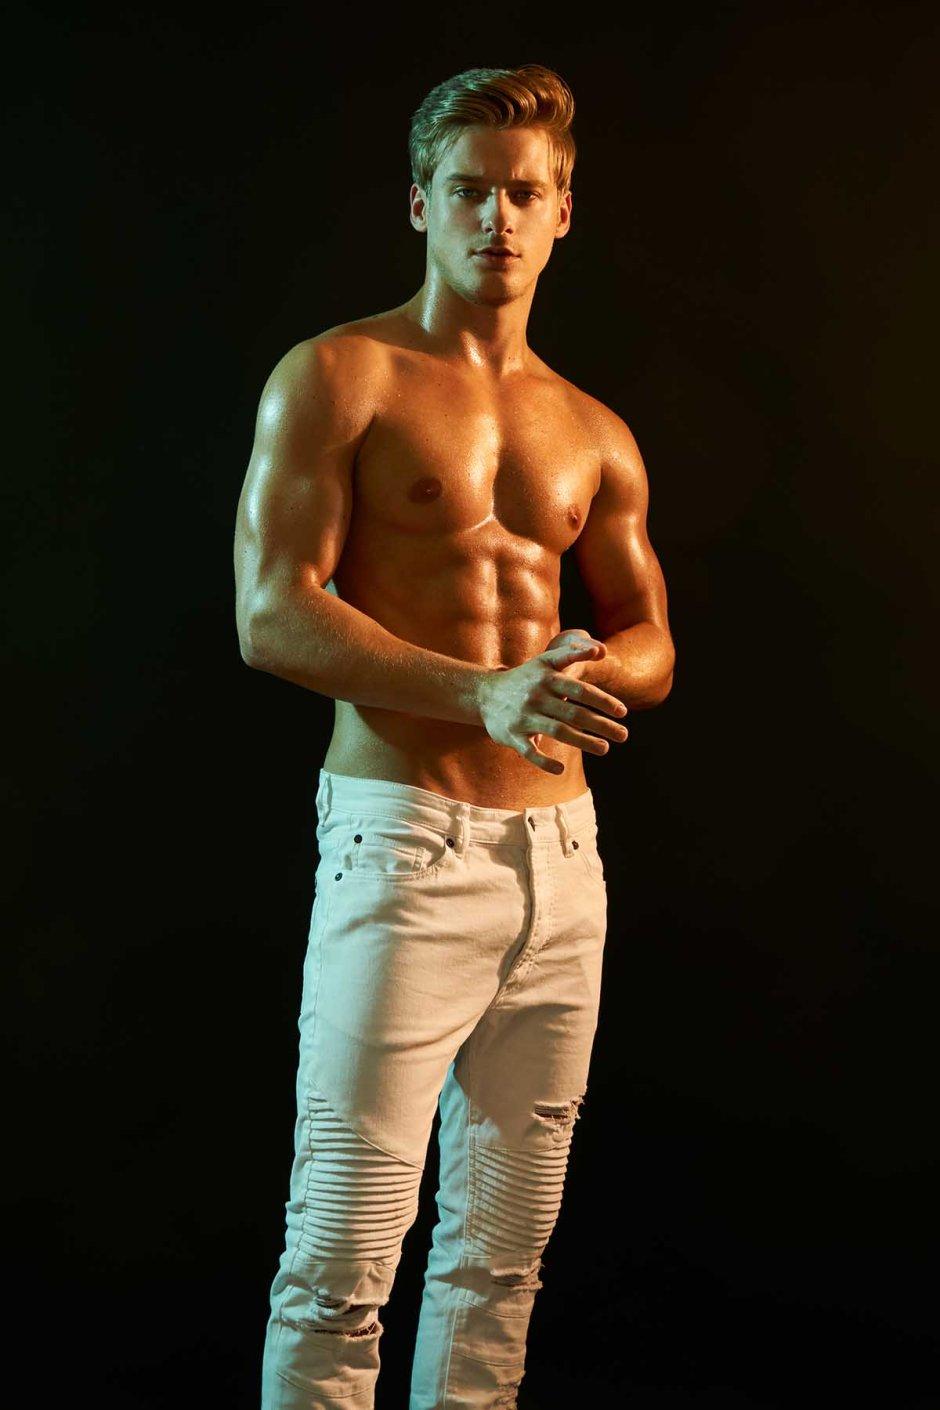 Renan Corbani by Travis H. Lane for Brazilian Male Model_001